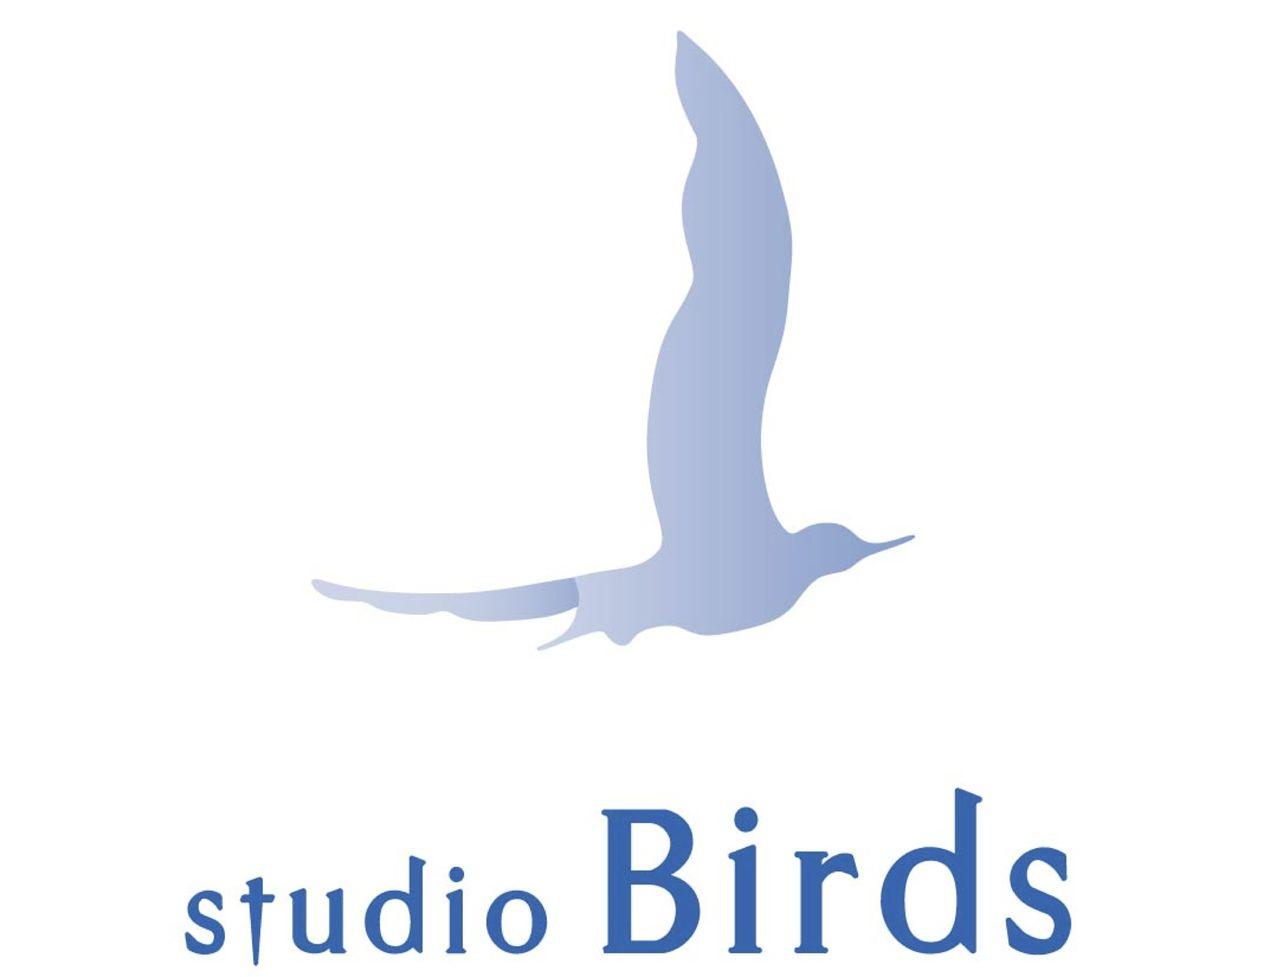 スタジオバーズのロゴ